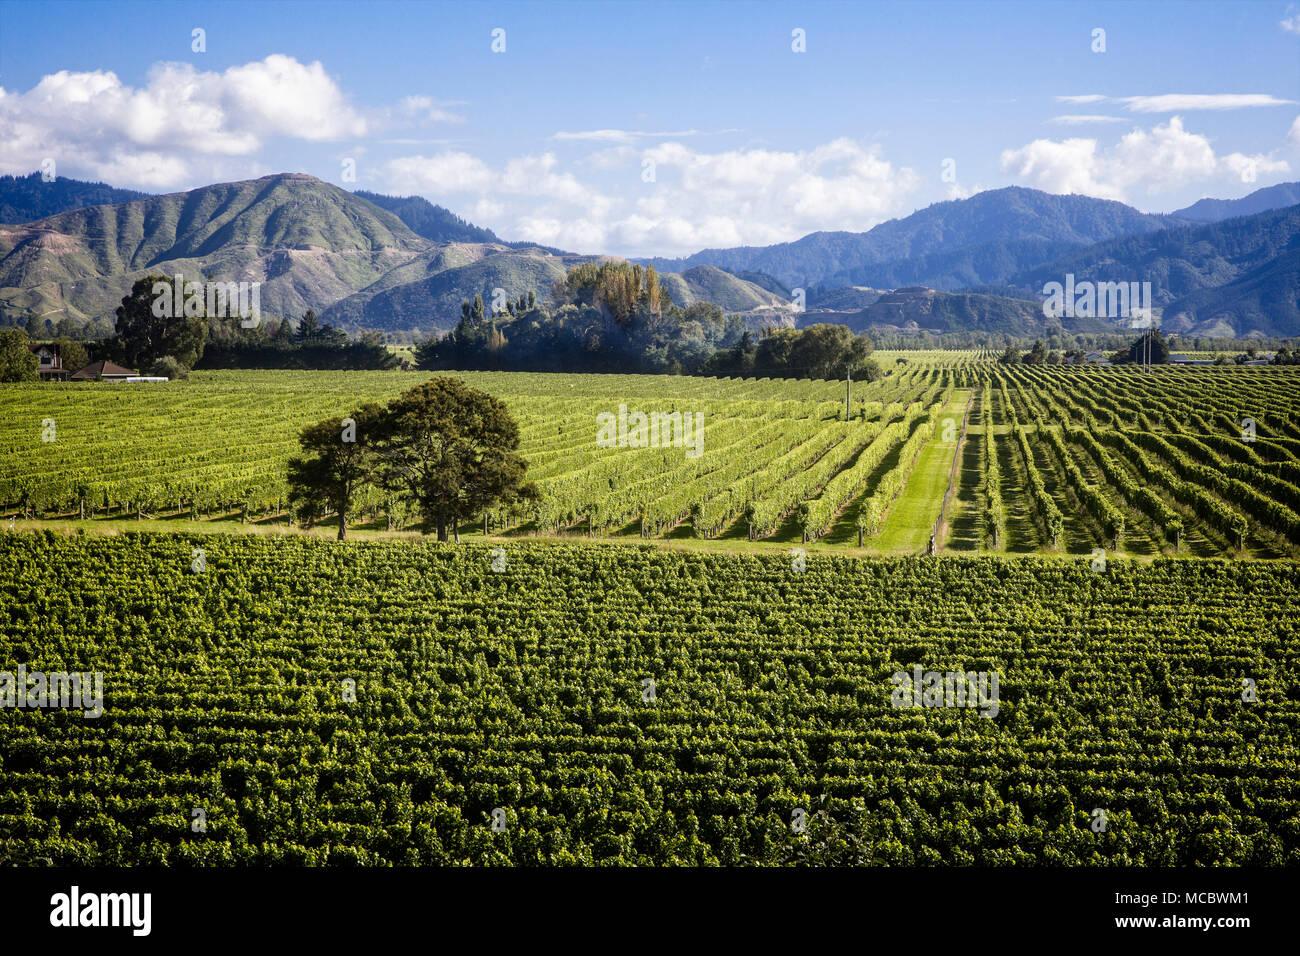 Les vignobles de la région de Marlborough, île du Sud, Nouvelle-Zélande. Banque D'Images